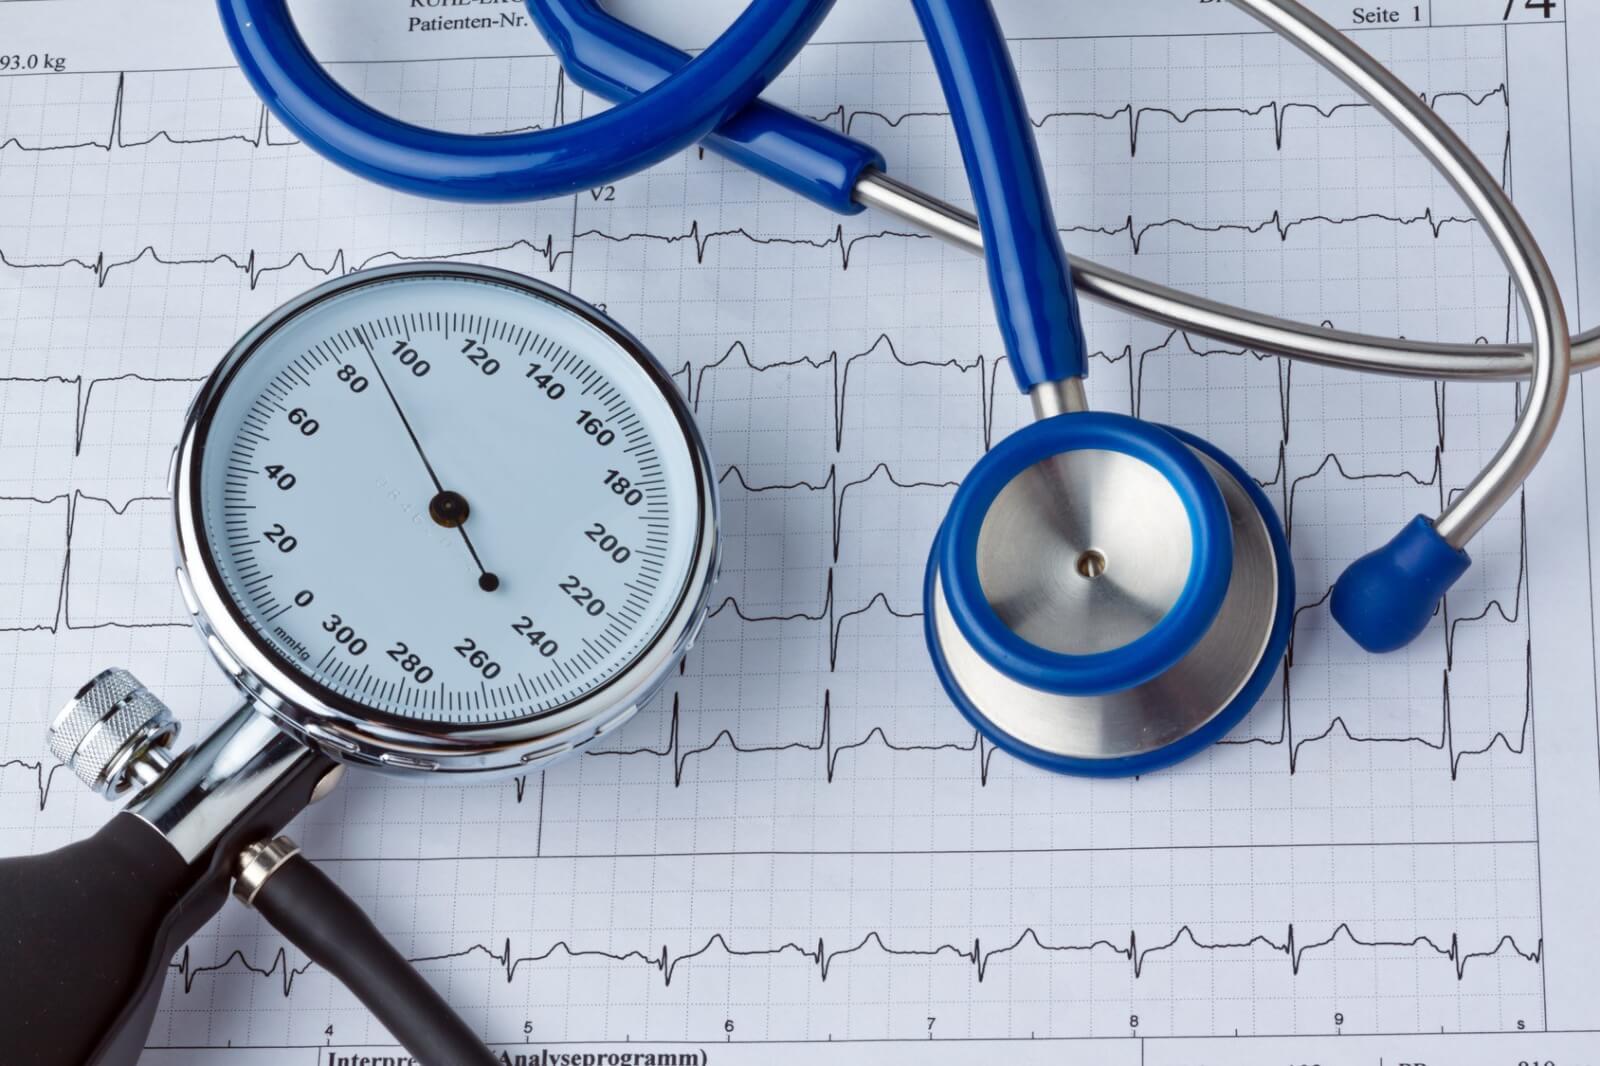 Liječenje hipertenzije 2 stupnja, simptomi i uzroci - Distonija February